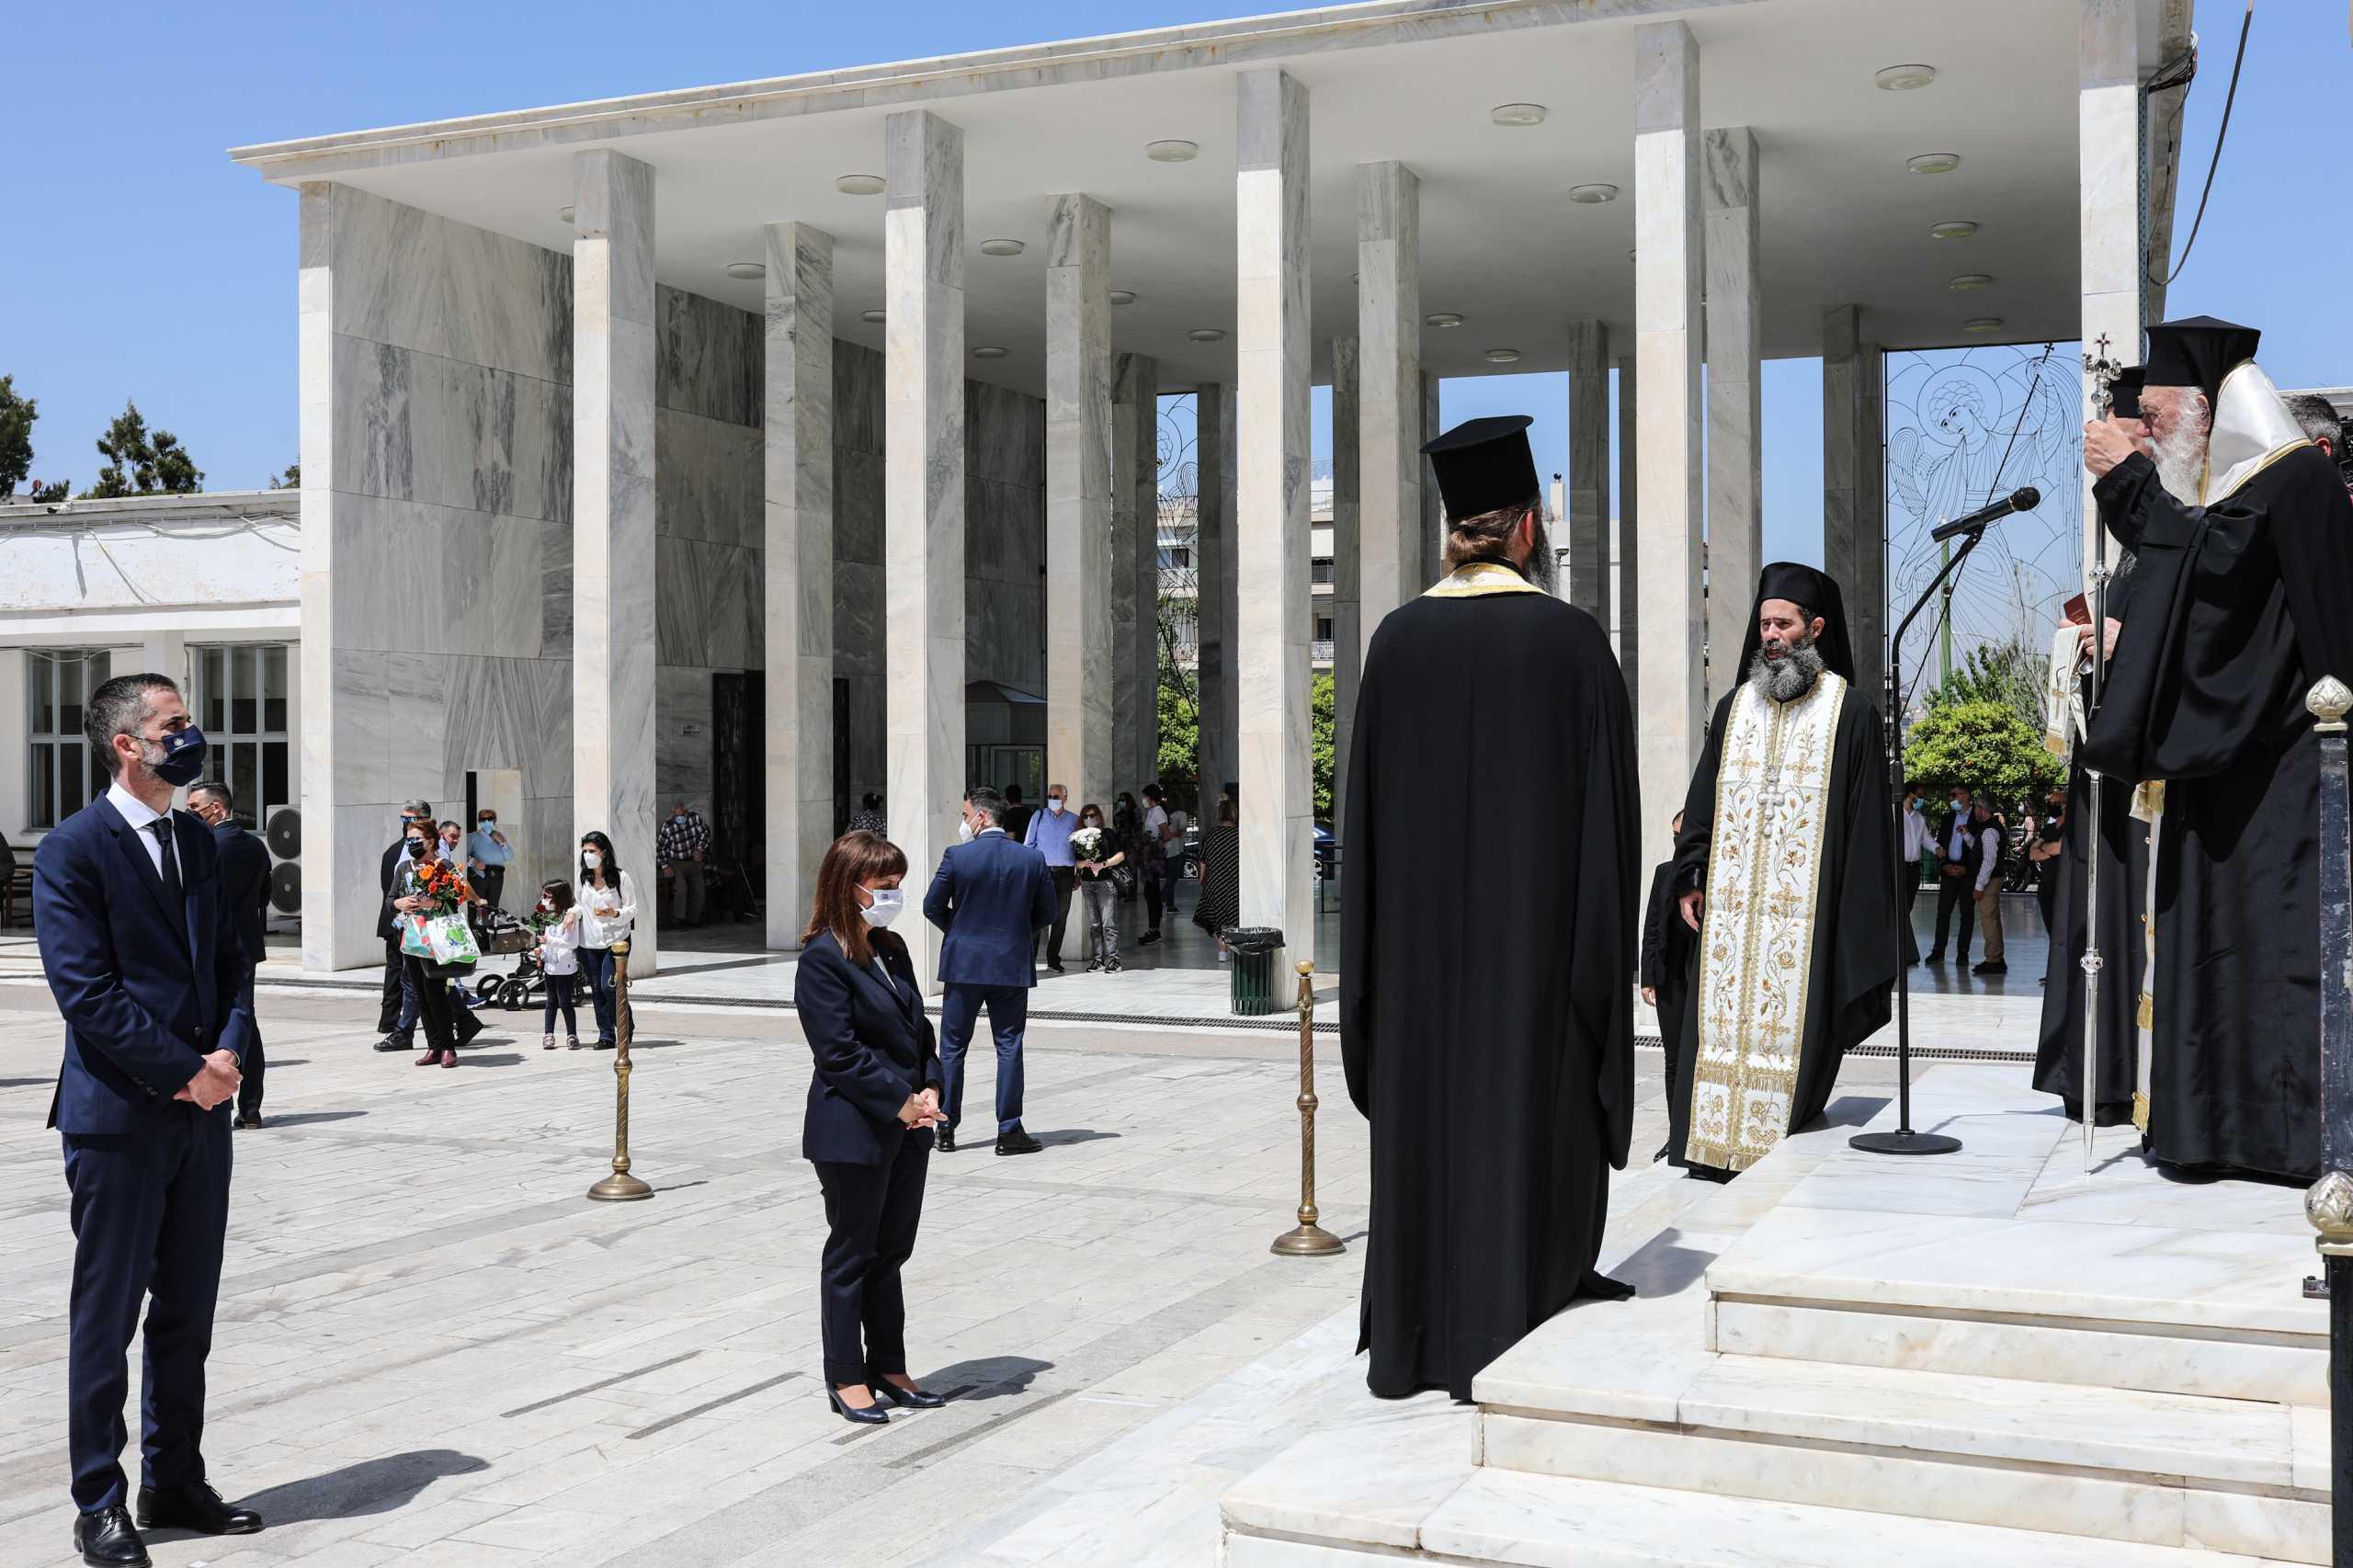 Επιμνημόσυνη δέηση για τα θύματα του κορονοϊού – Στο Α' Νεκροταφείο Αθηνών η Κατερίνα Σακελλαροπούλου (pics)